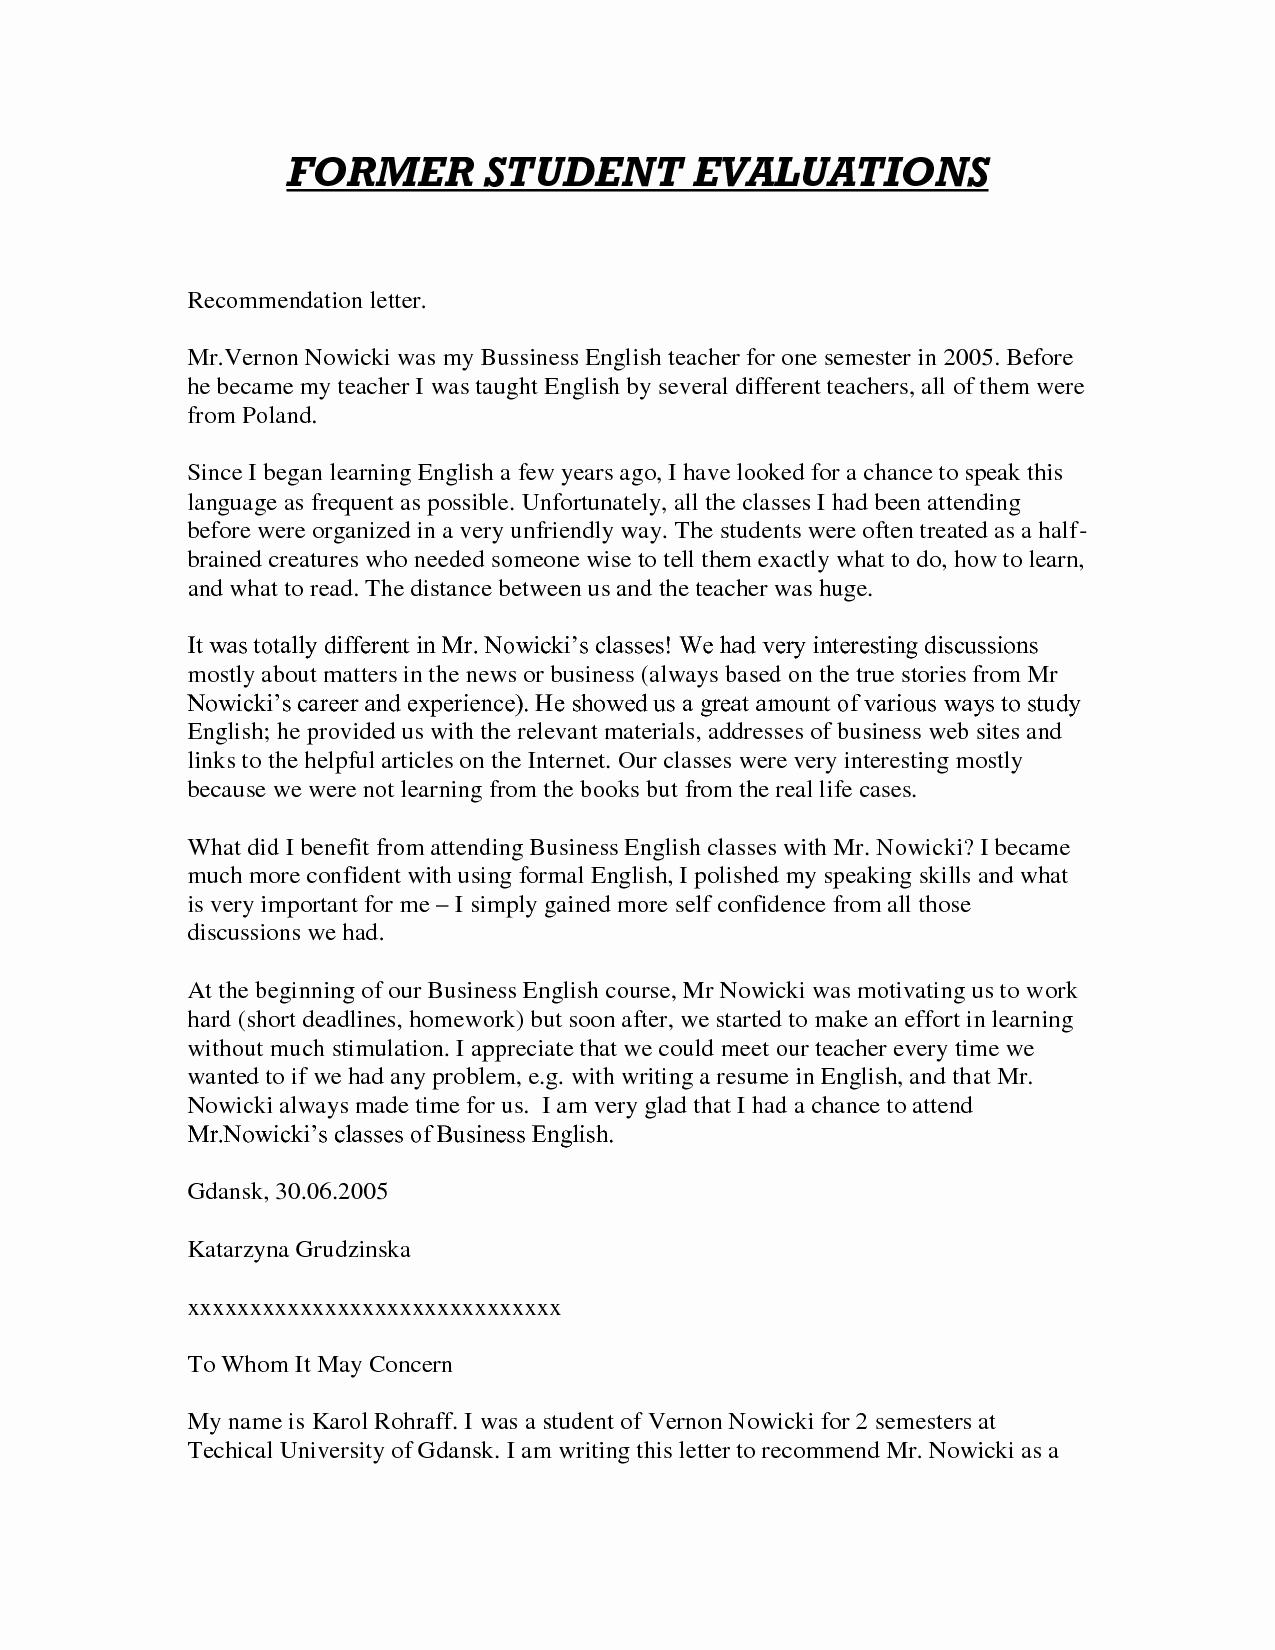 Teacher Letter Of Recommendation Template Inspirational Sample Letter Of Re Mendation for Teacher